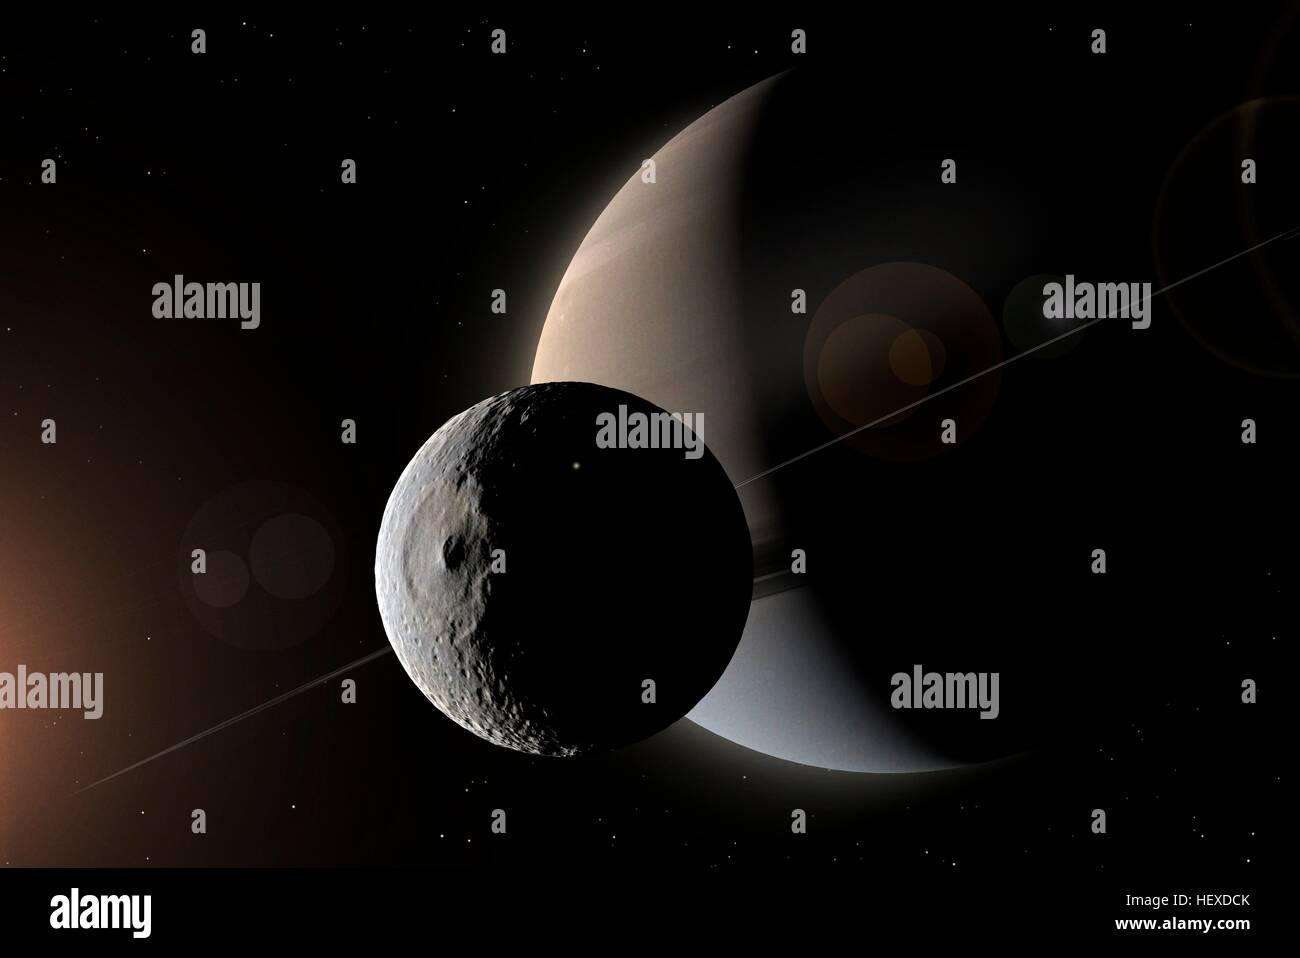 Saturn Rings Artwork Stock Photos Amp Saturn Rings Artwork